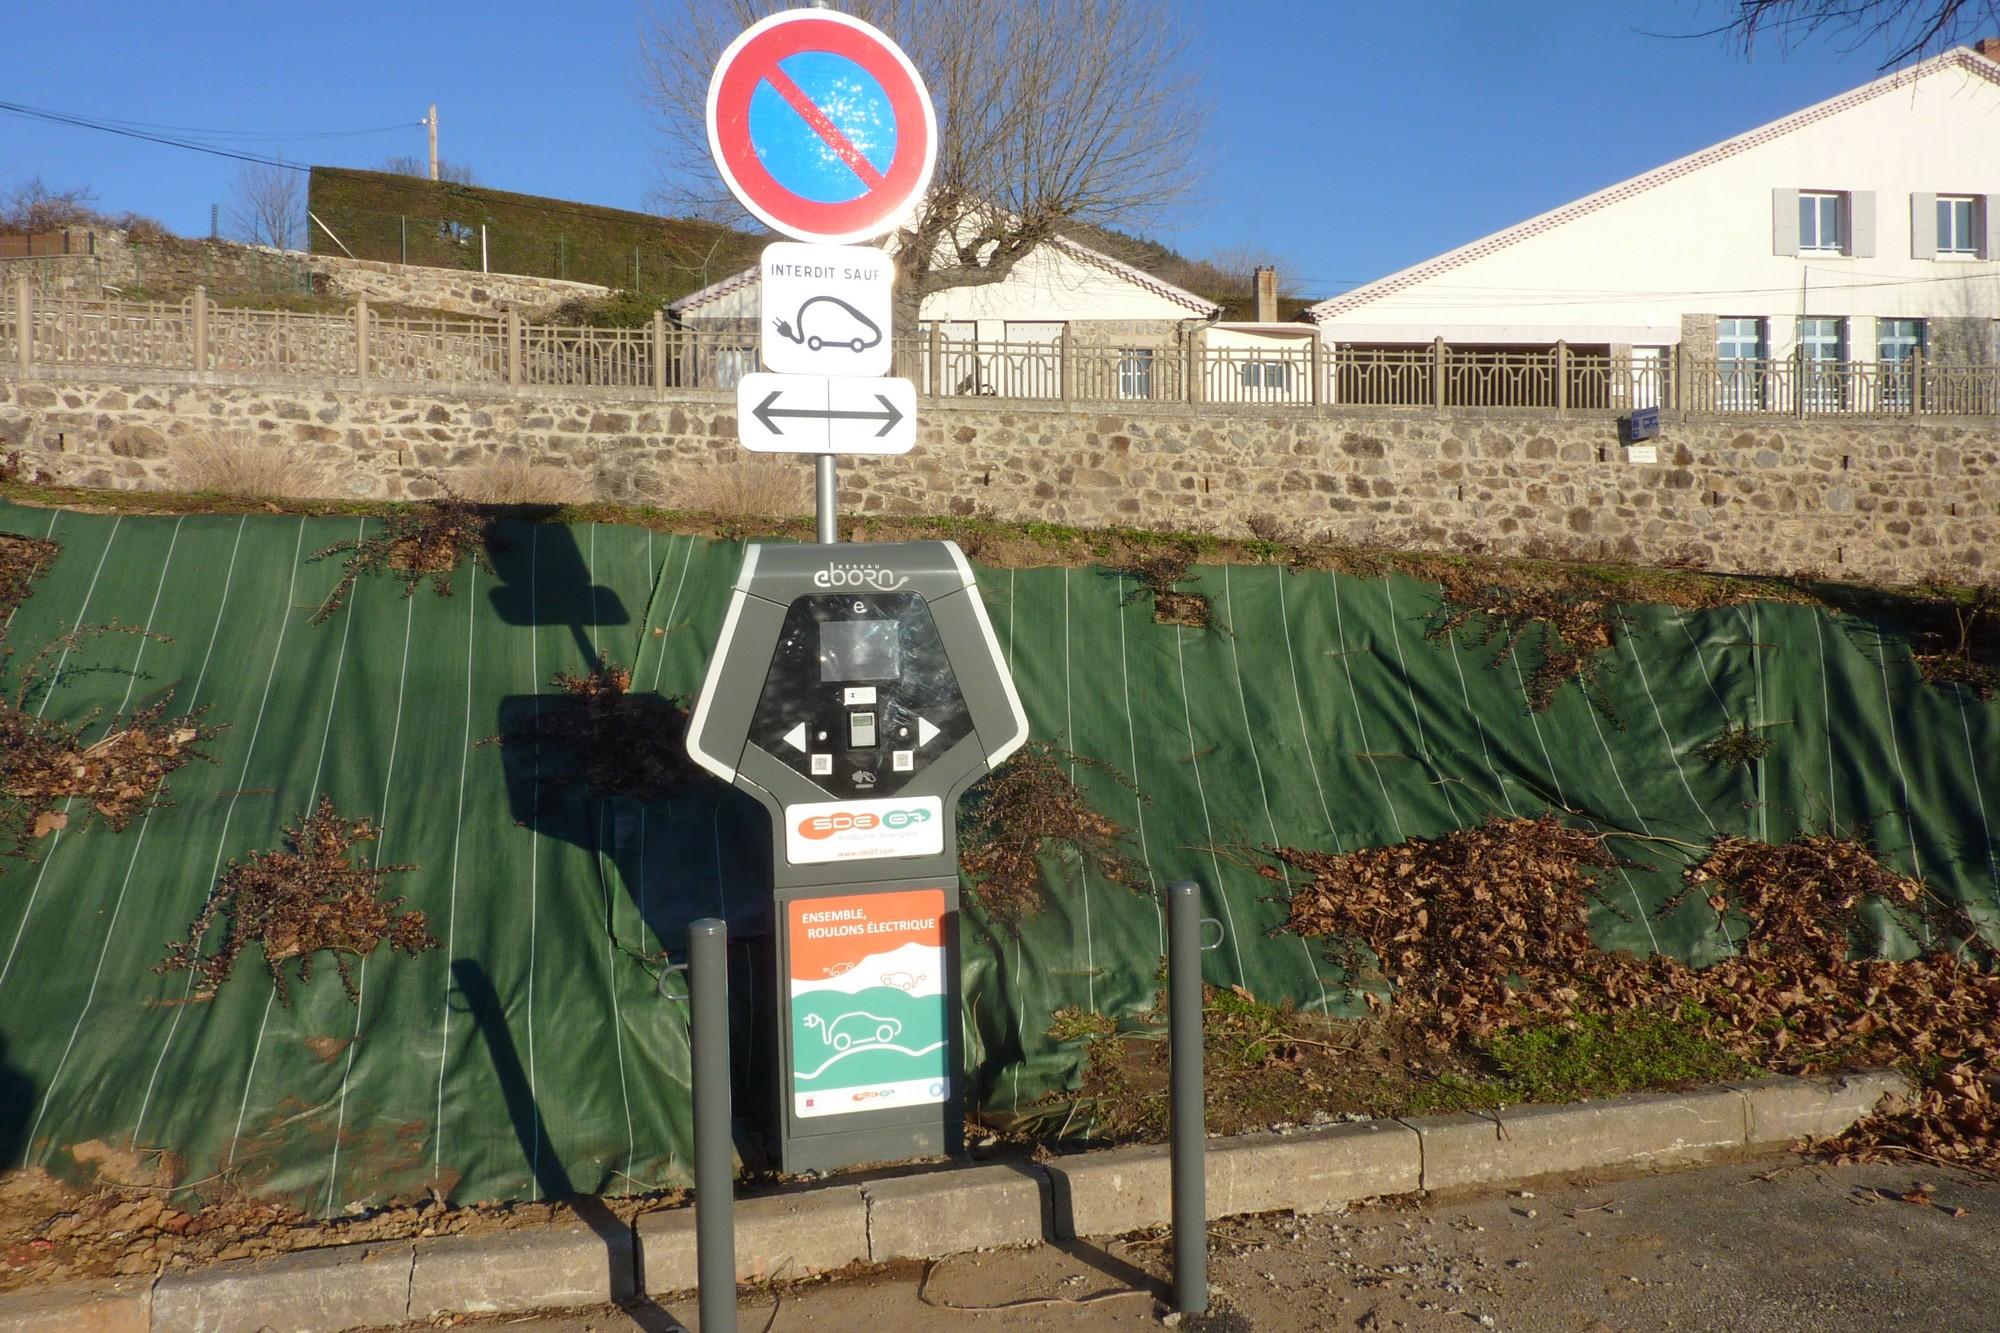 borne-de-recharge-pour-vehicules-electriques